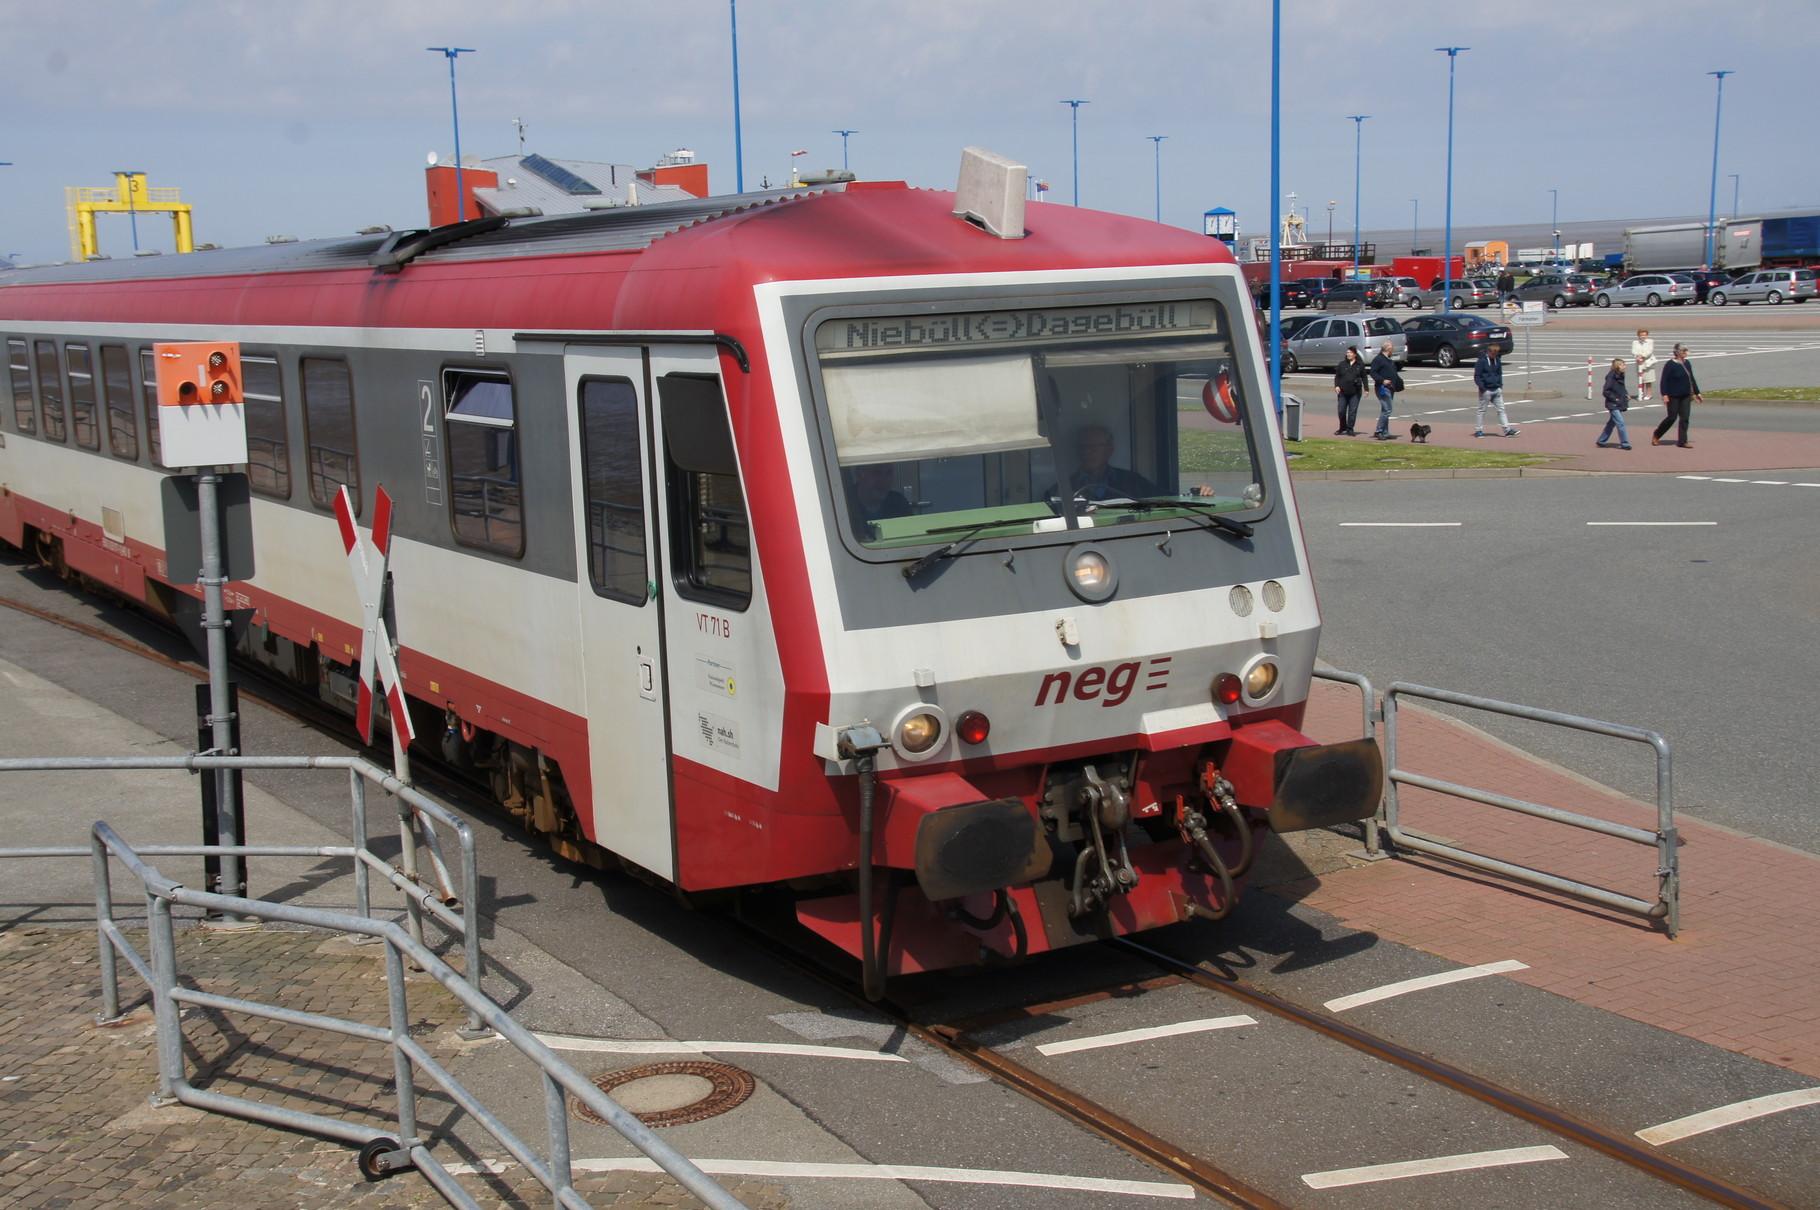 Ausfahrt aus dem Bahnhof Dagebüll-Mole.